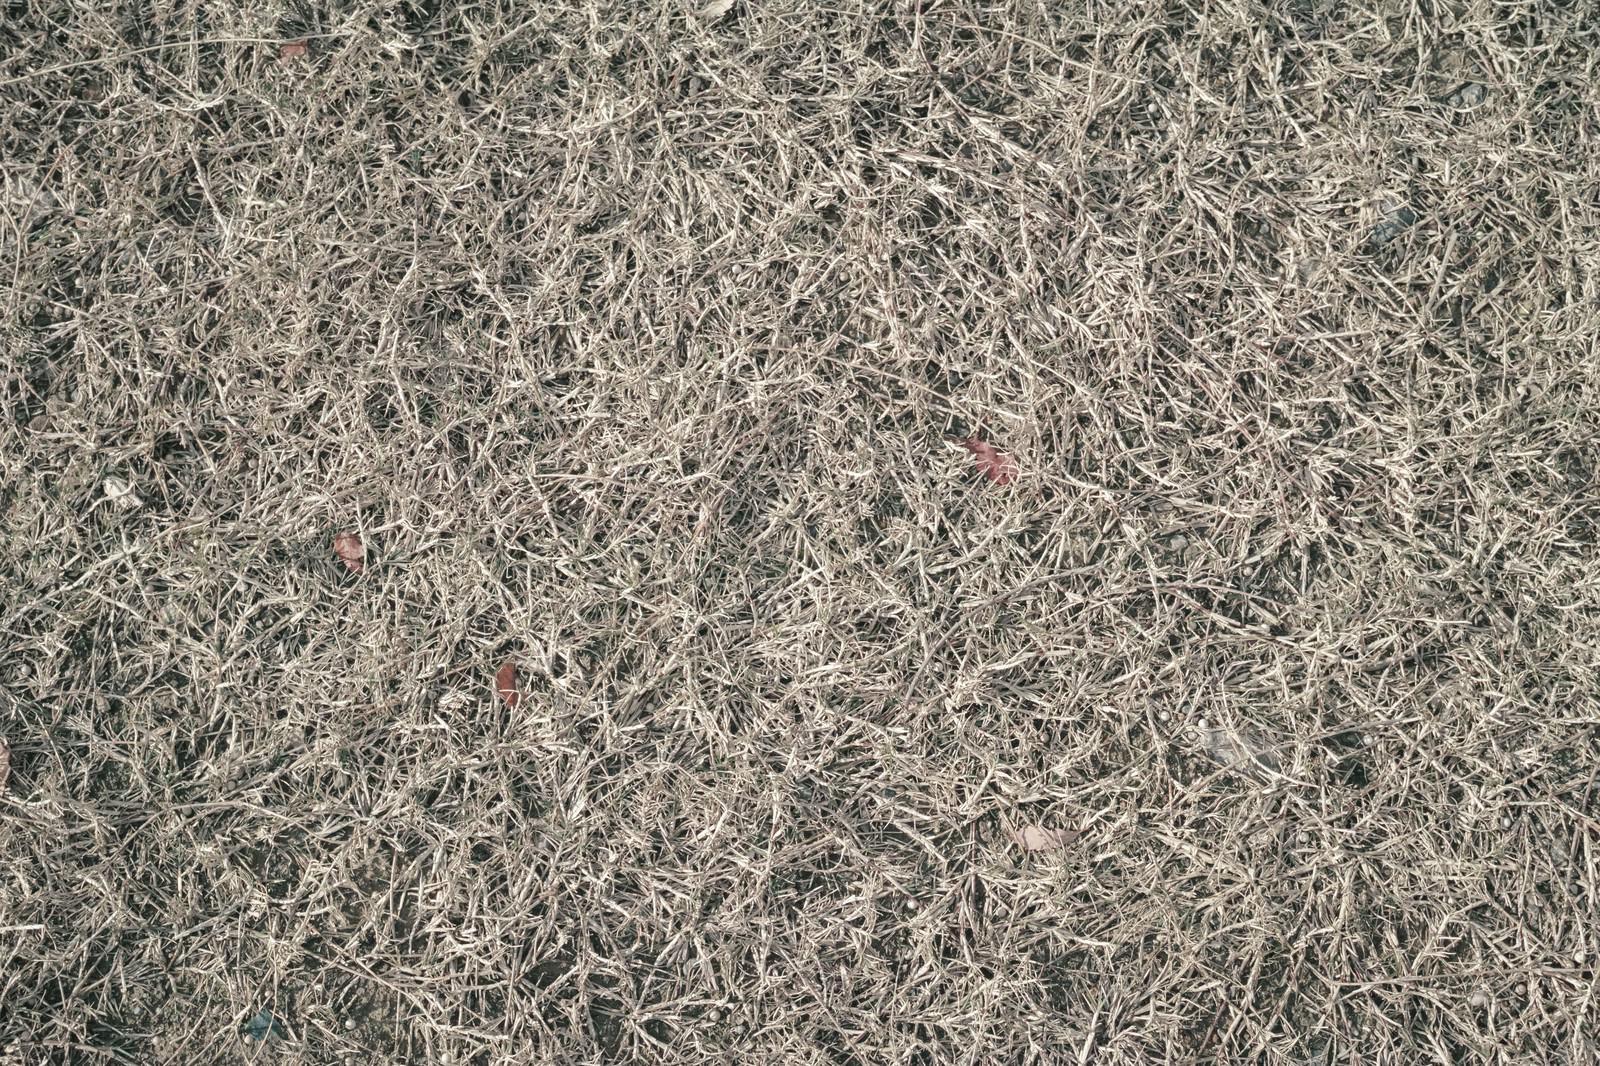 「地面に敷き詰められた枯草(テクスチャ)」の写真